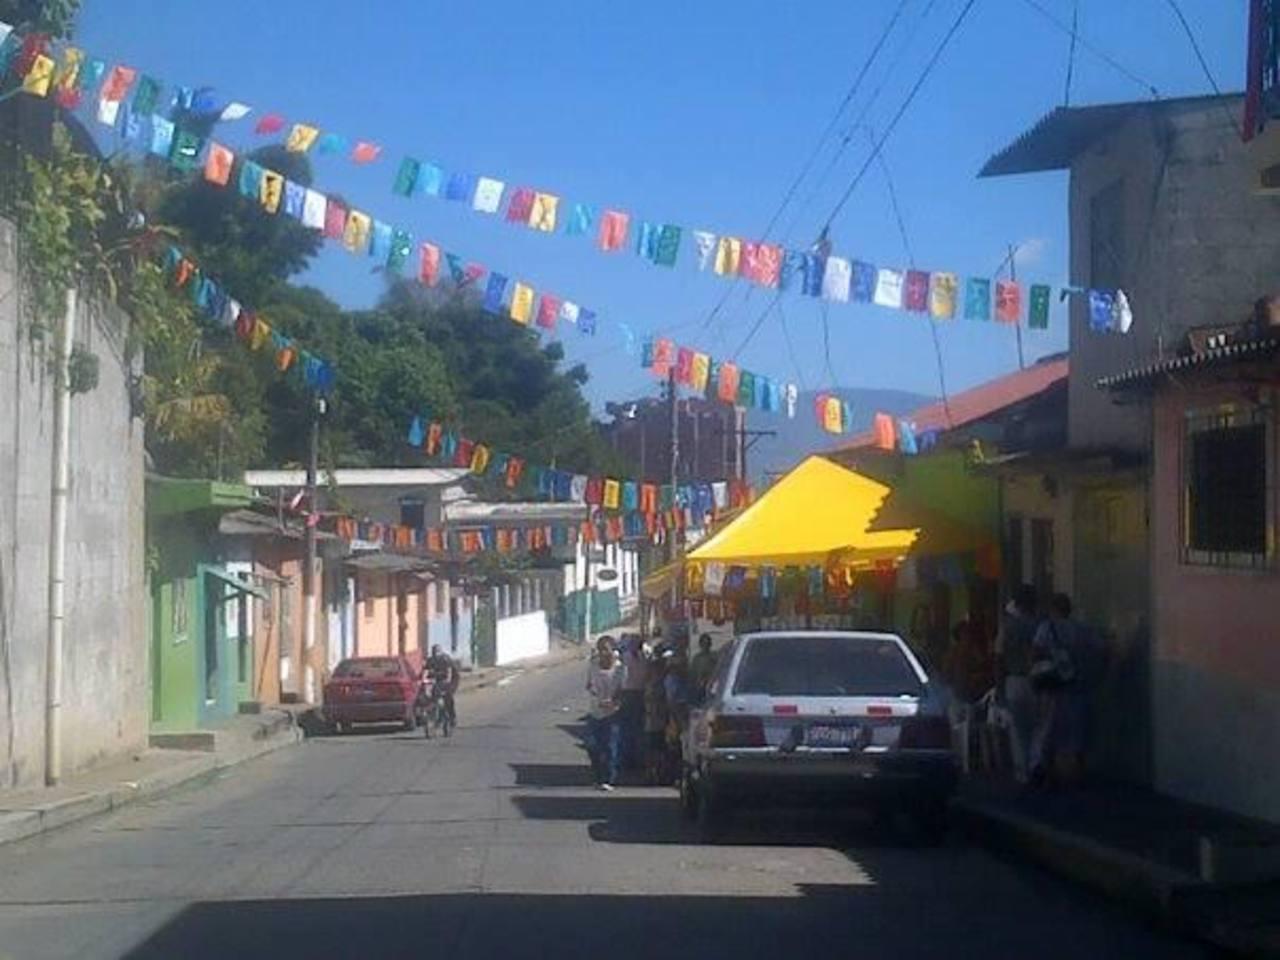 El tradicional desfile del correo recorrerá las principales calles de la ciudad durante la mañana. foto edh / cortesia